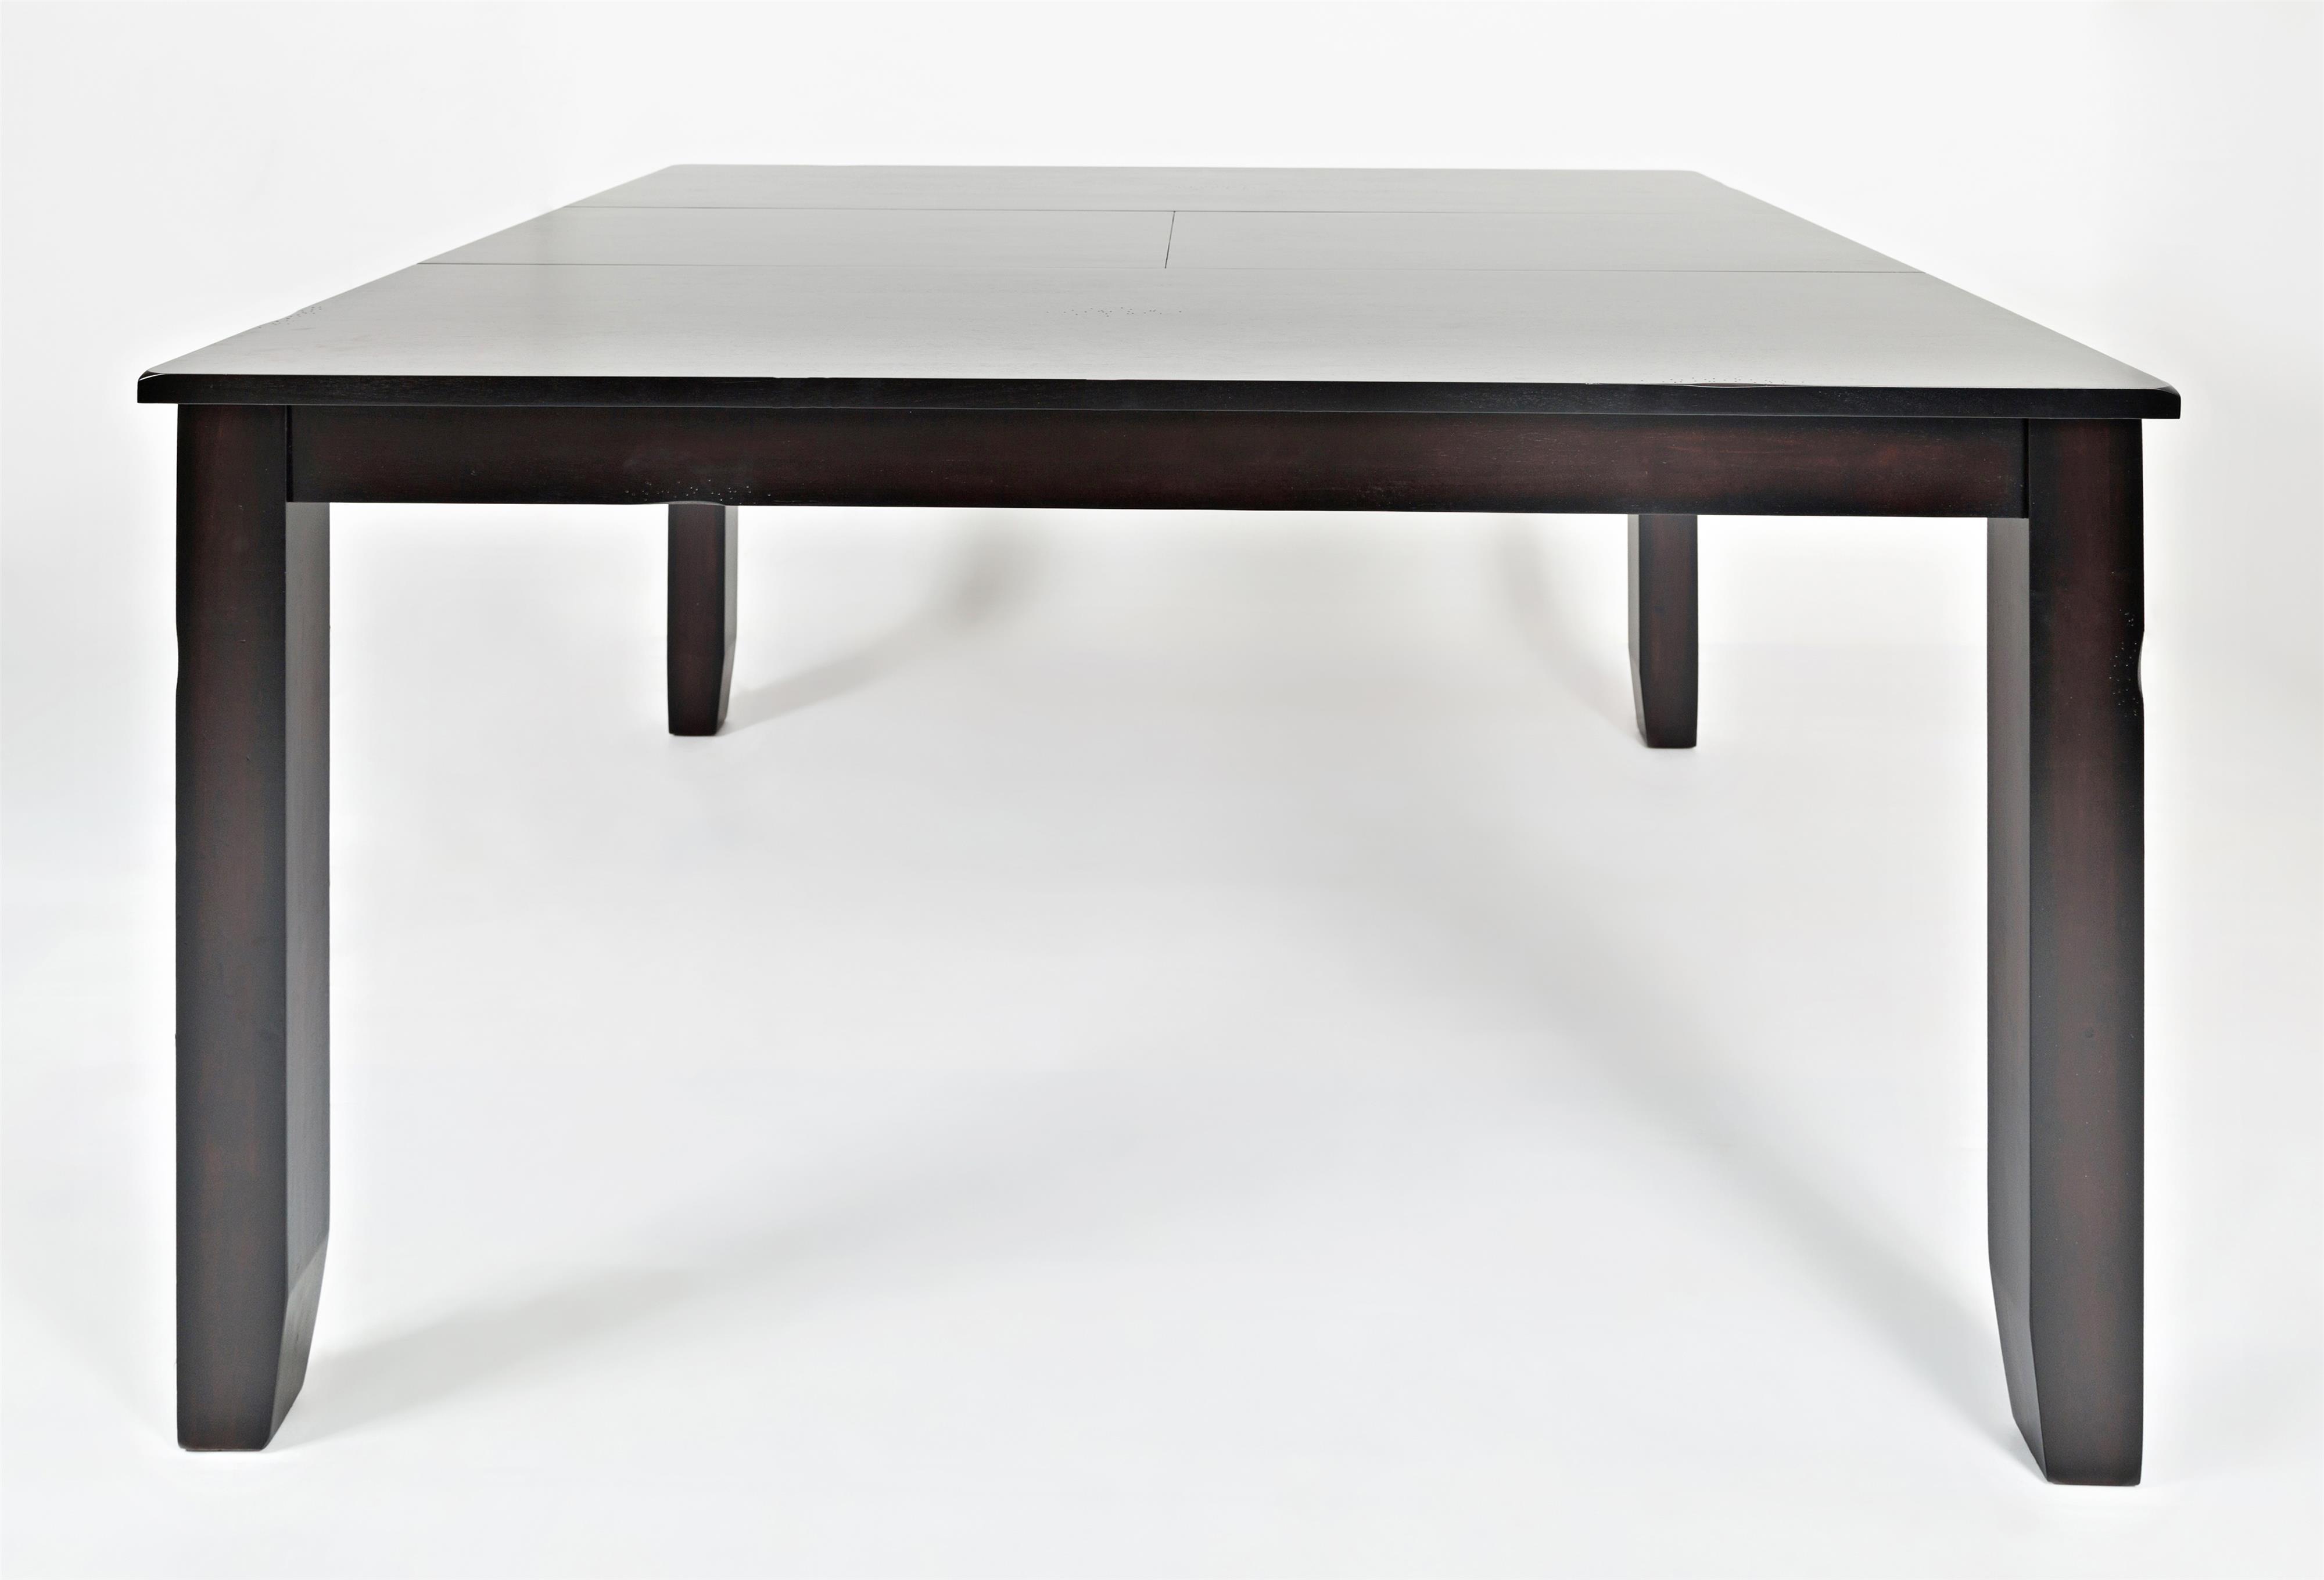 Jofran Dark Rustic Prairie Counter Height Table - Item Number: 972-61